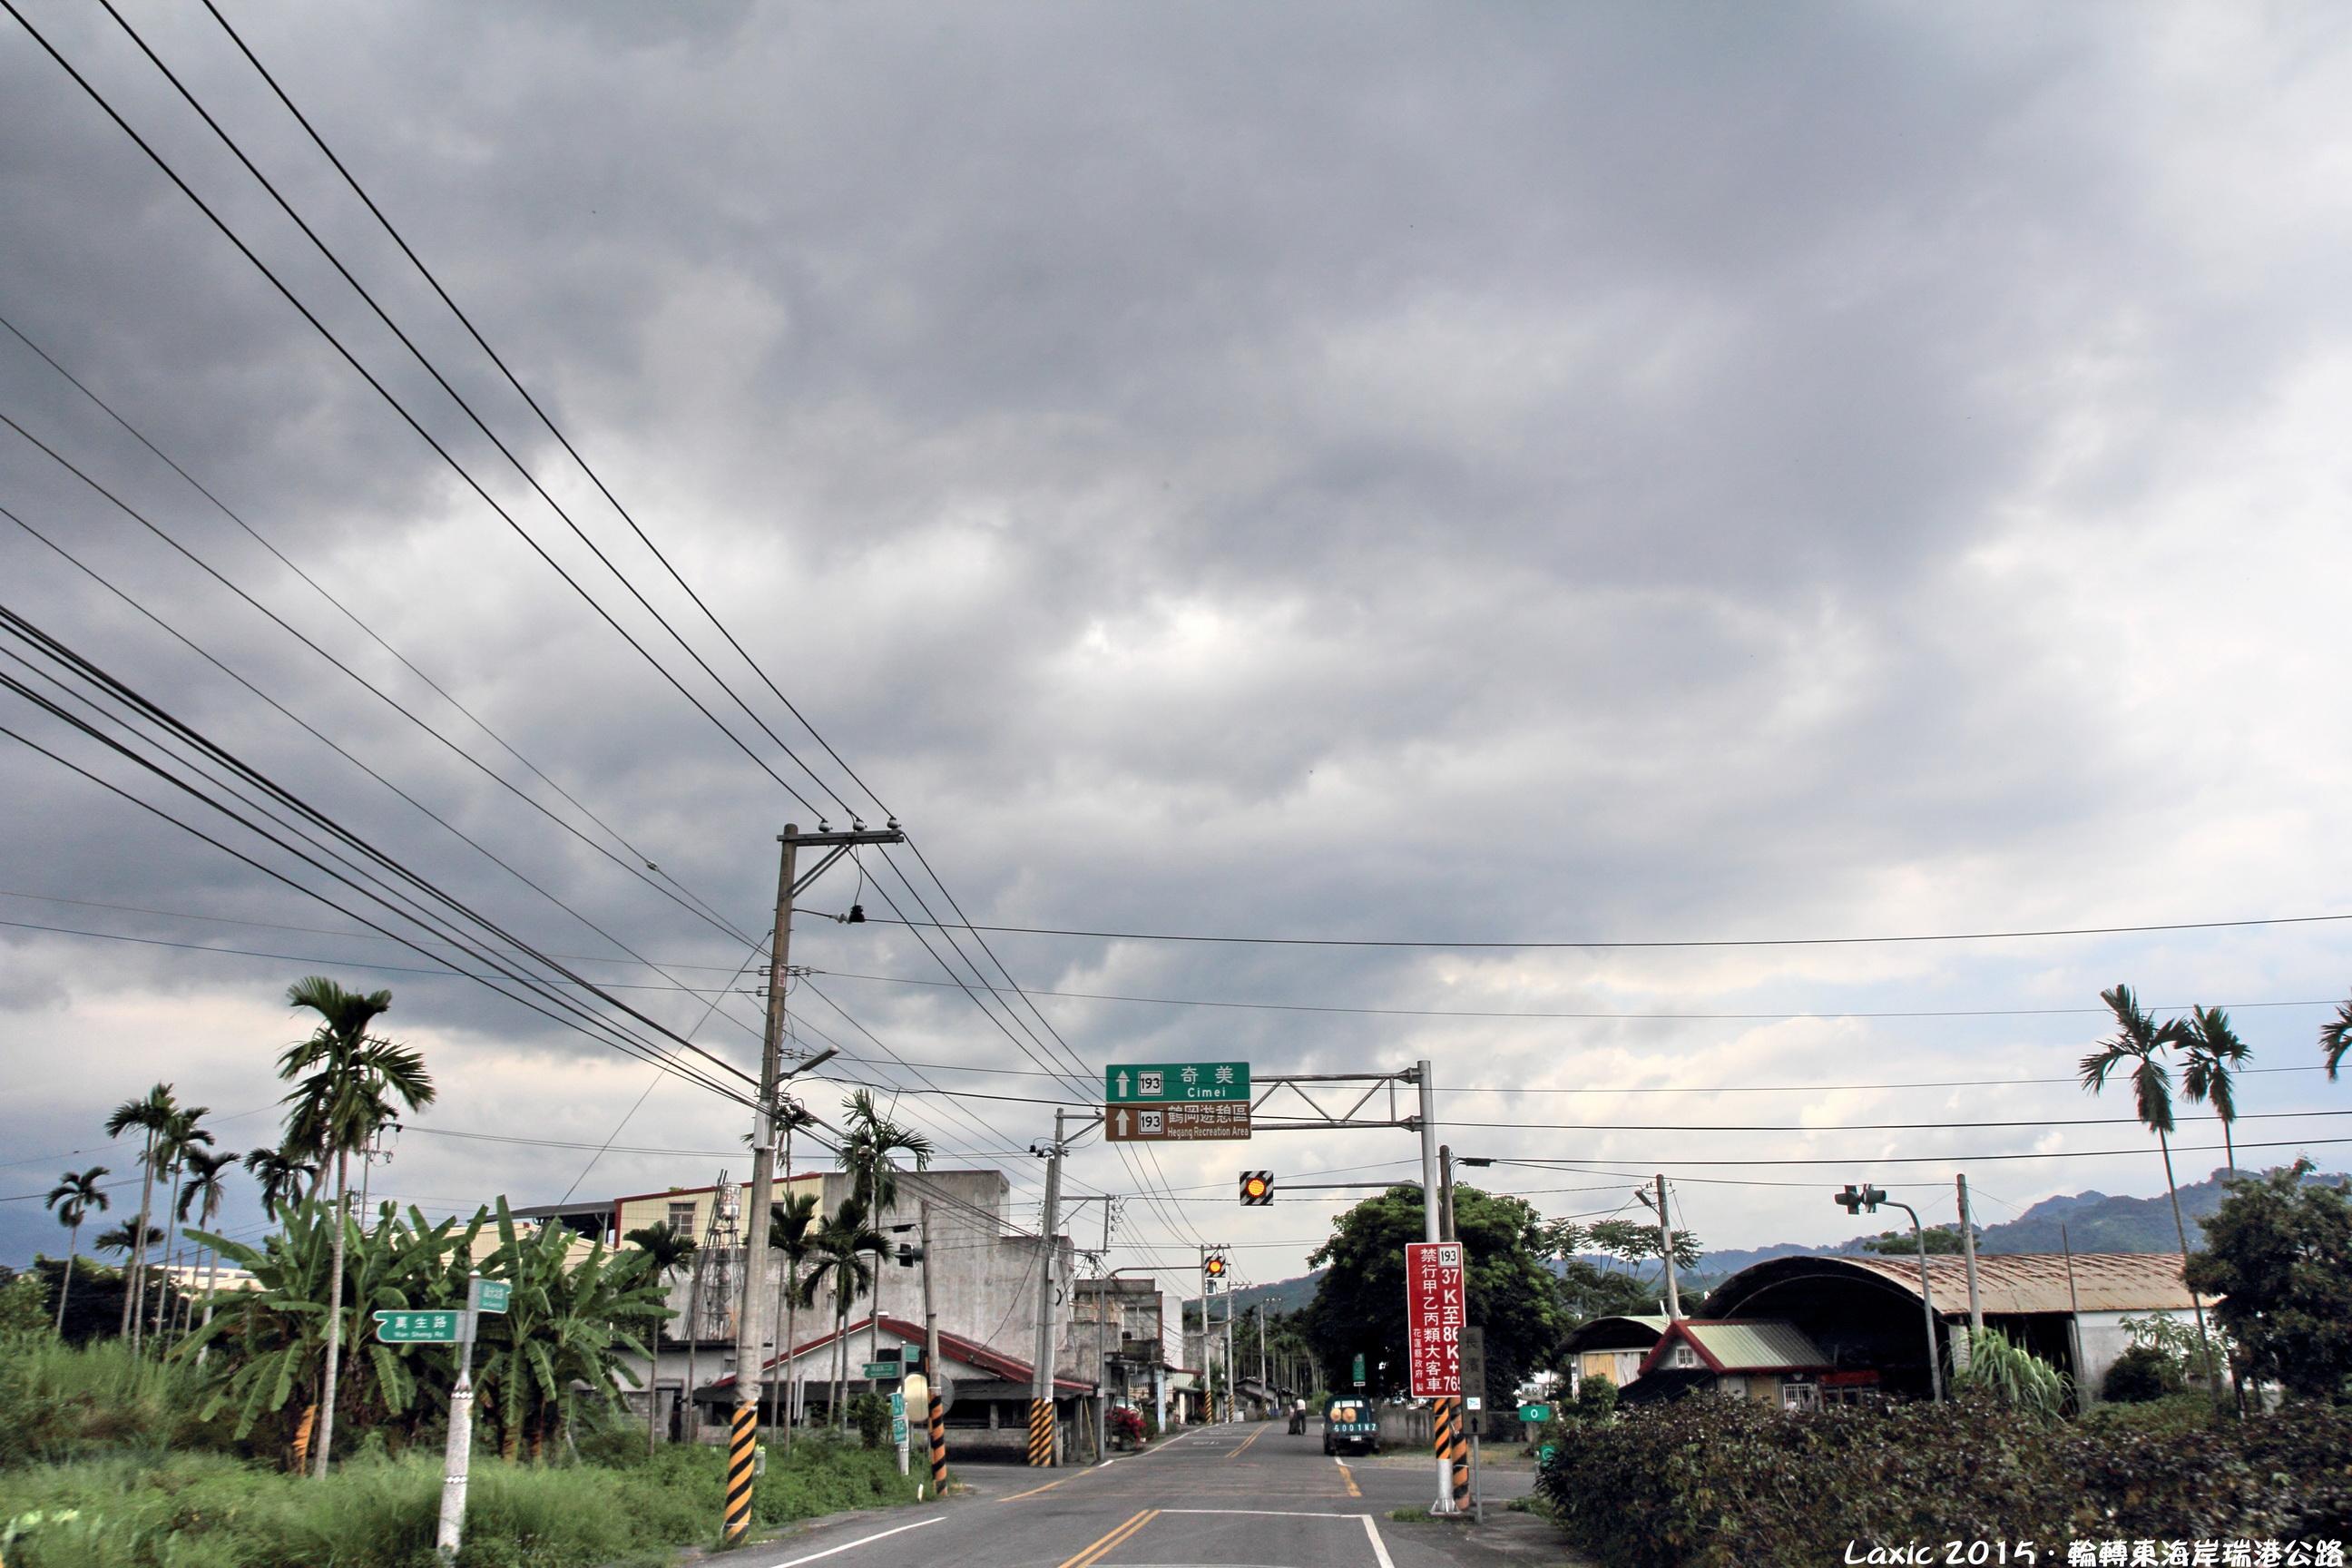 2015.06 輪轉東海岸瑞港公路